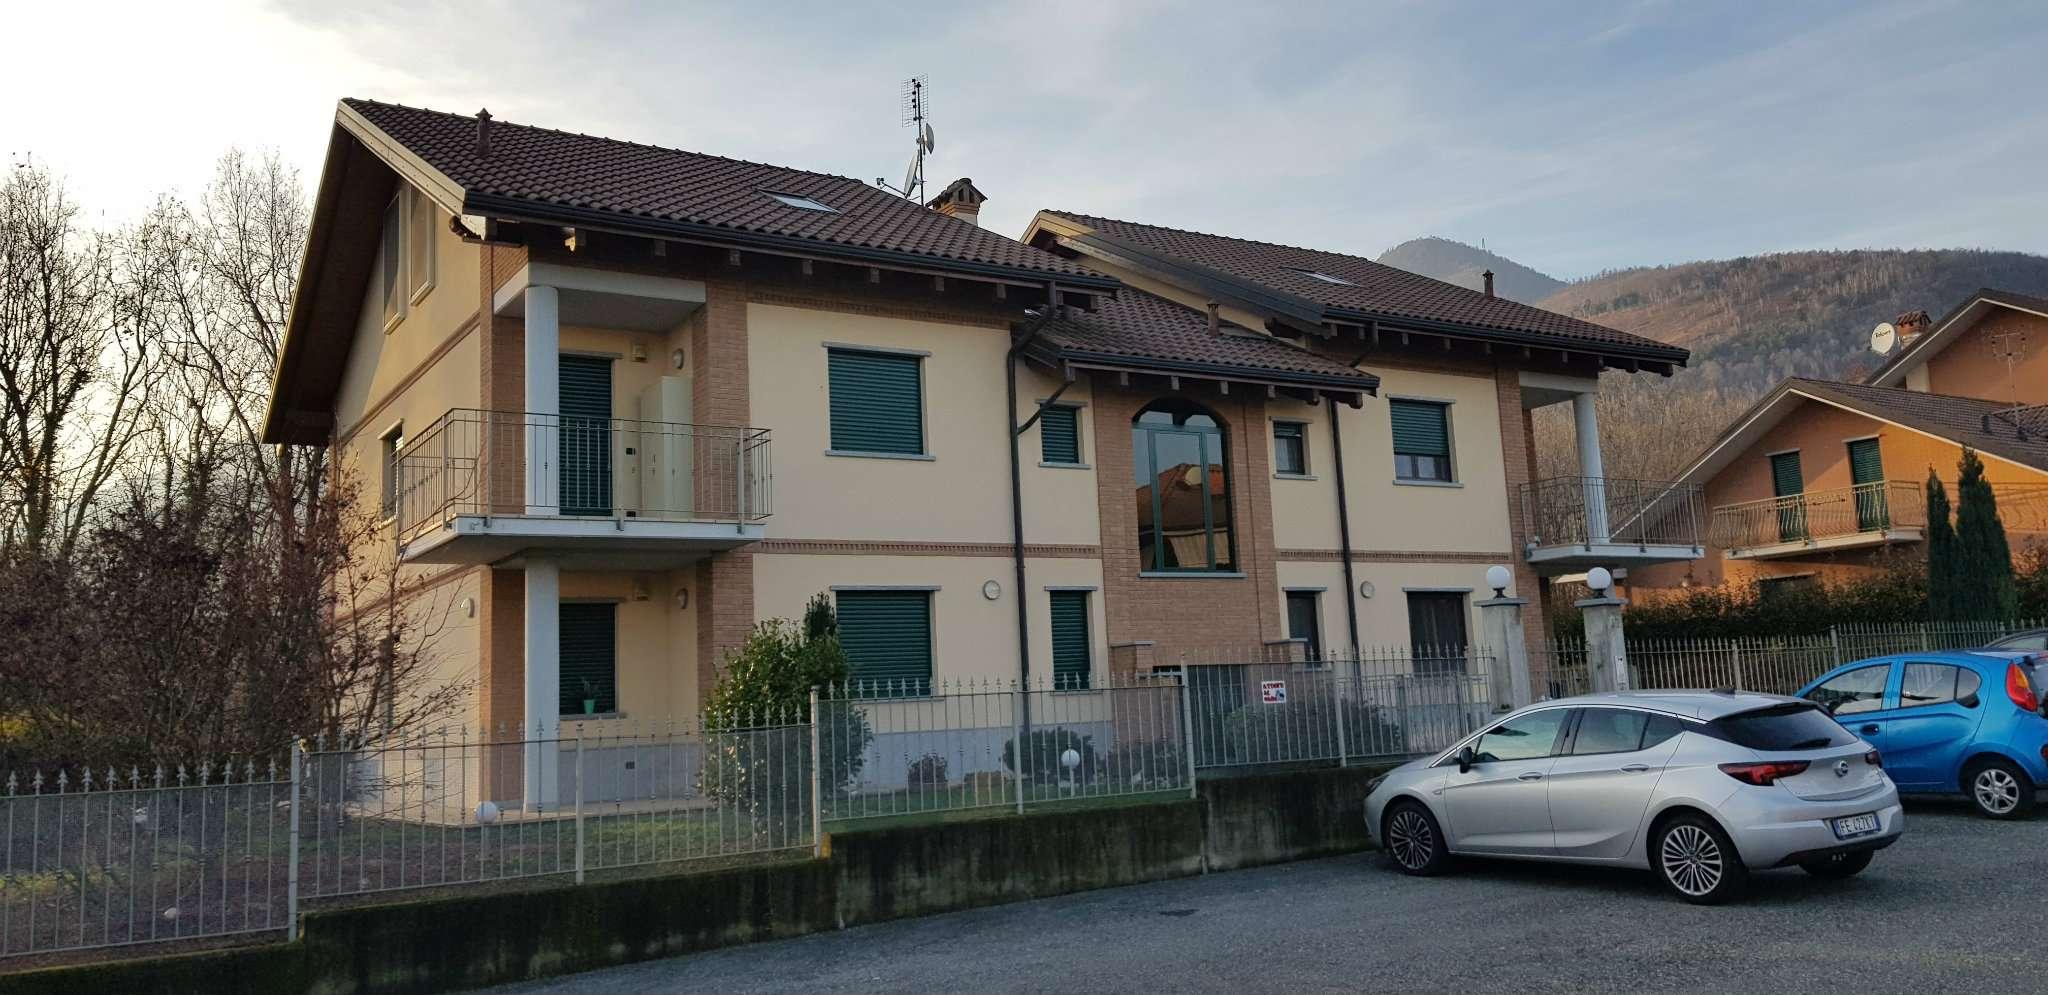 Appartamento in affitto a La Cassa, 6 locali, prezzo € 650 | PortaleAgenzieImmobiliari.it